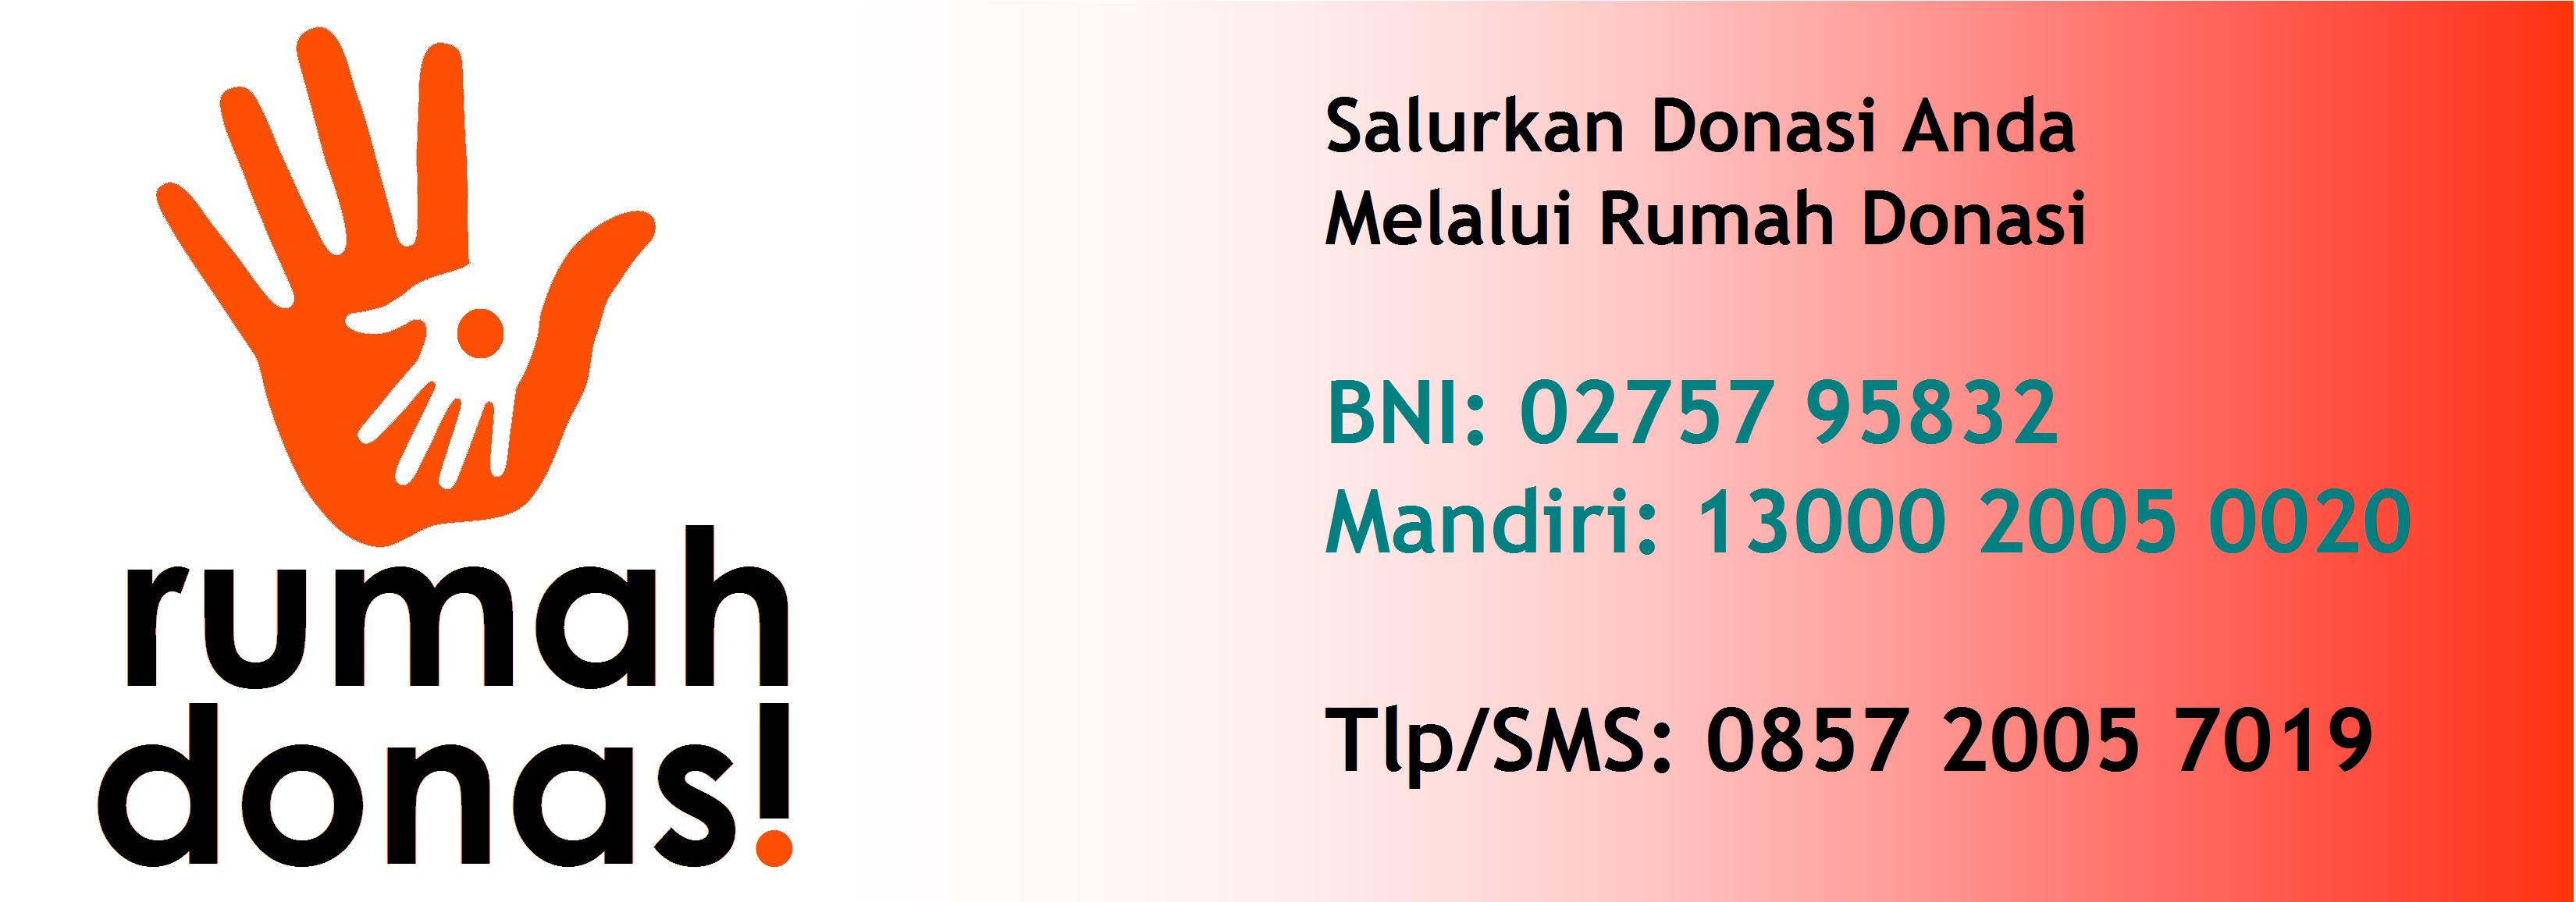 Rumah Donasi Indonesia